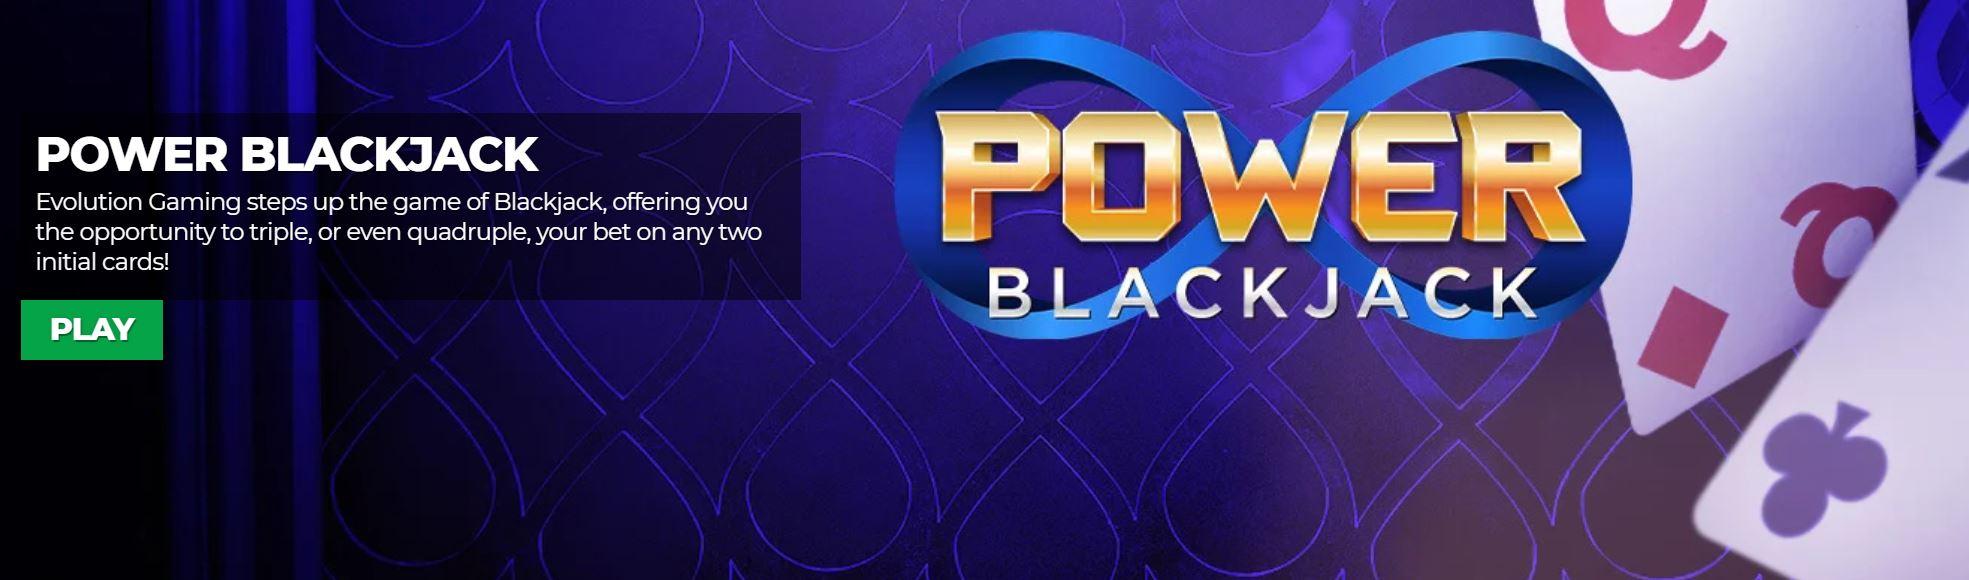 El blackjack es un juego muy popular de casino.